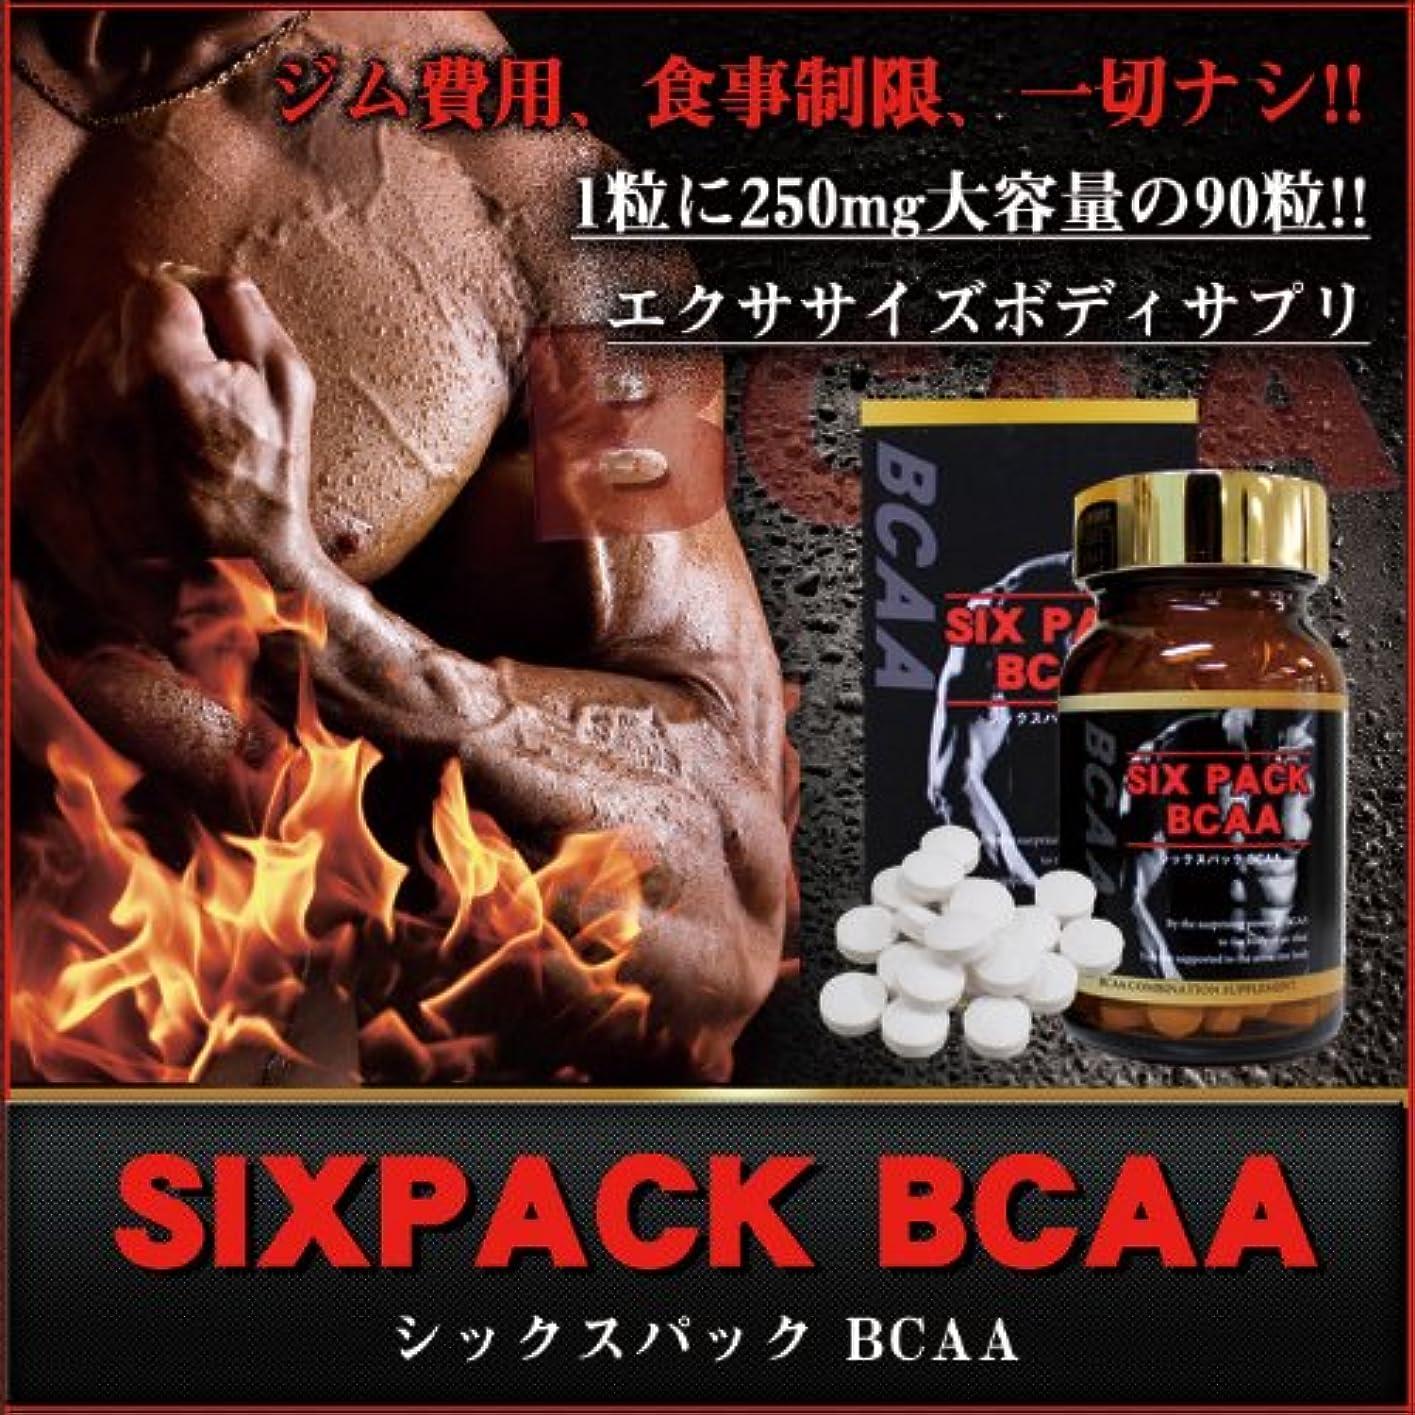 ぜいたく口苦痛シックスパックBCAA (バリン+ロイシン+イソロイシン配合エクササイズボディサプリ)